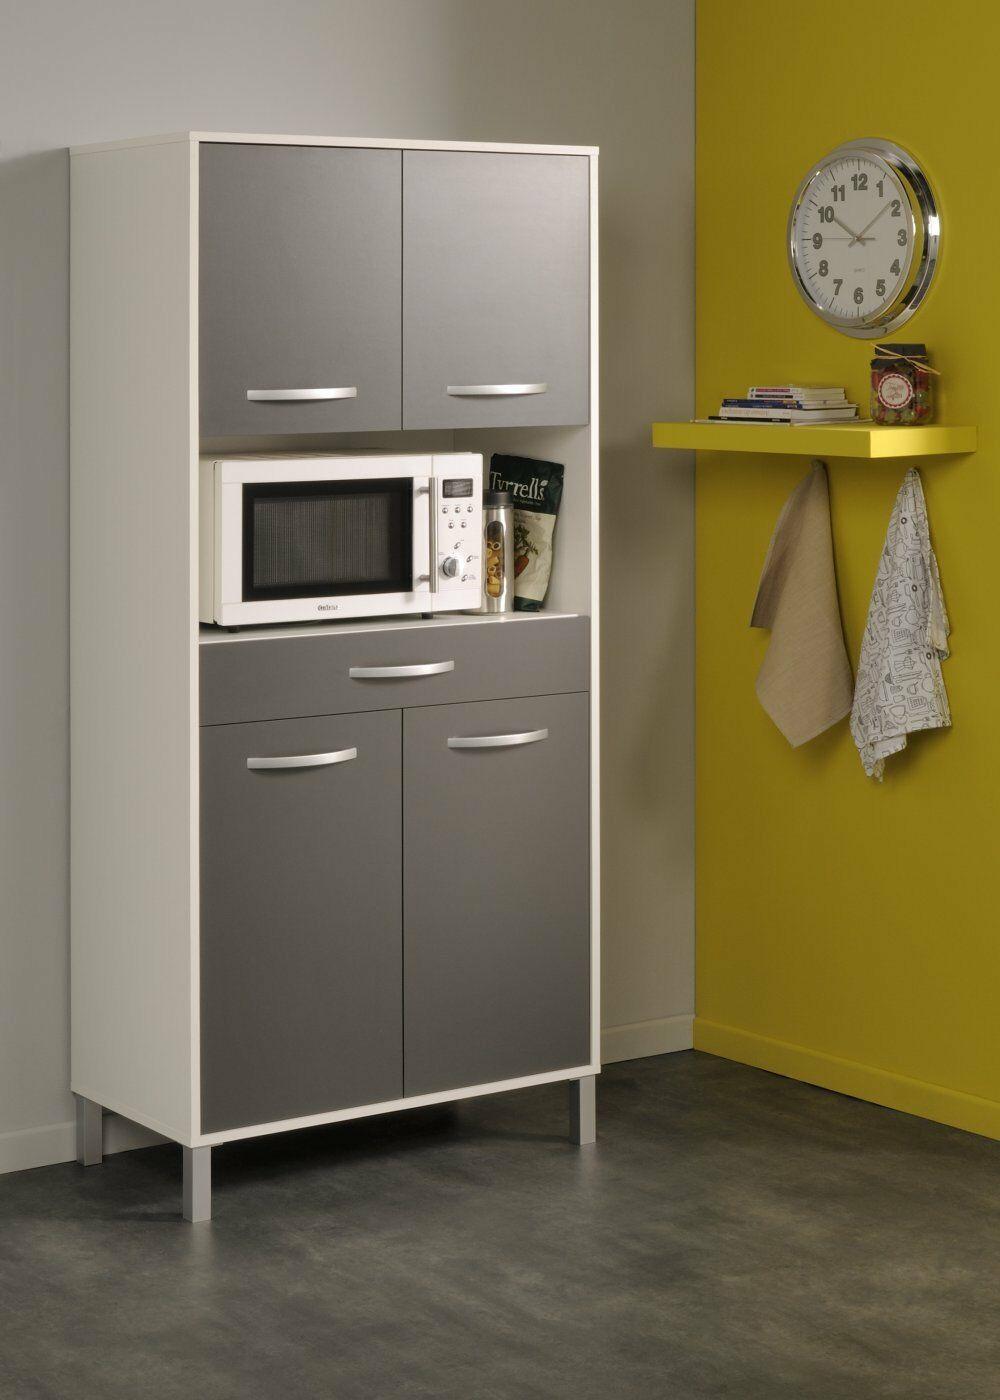 Full Size of Schrankküchen Ikea Schrnke Mehr Als 10000 Angebote Sofa Mit Schlaffunktion Betten 160x200 Küche Kaufen Modulküche Kosten Miniküche Bei Wohnzimmer Schrankküchen Ikea